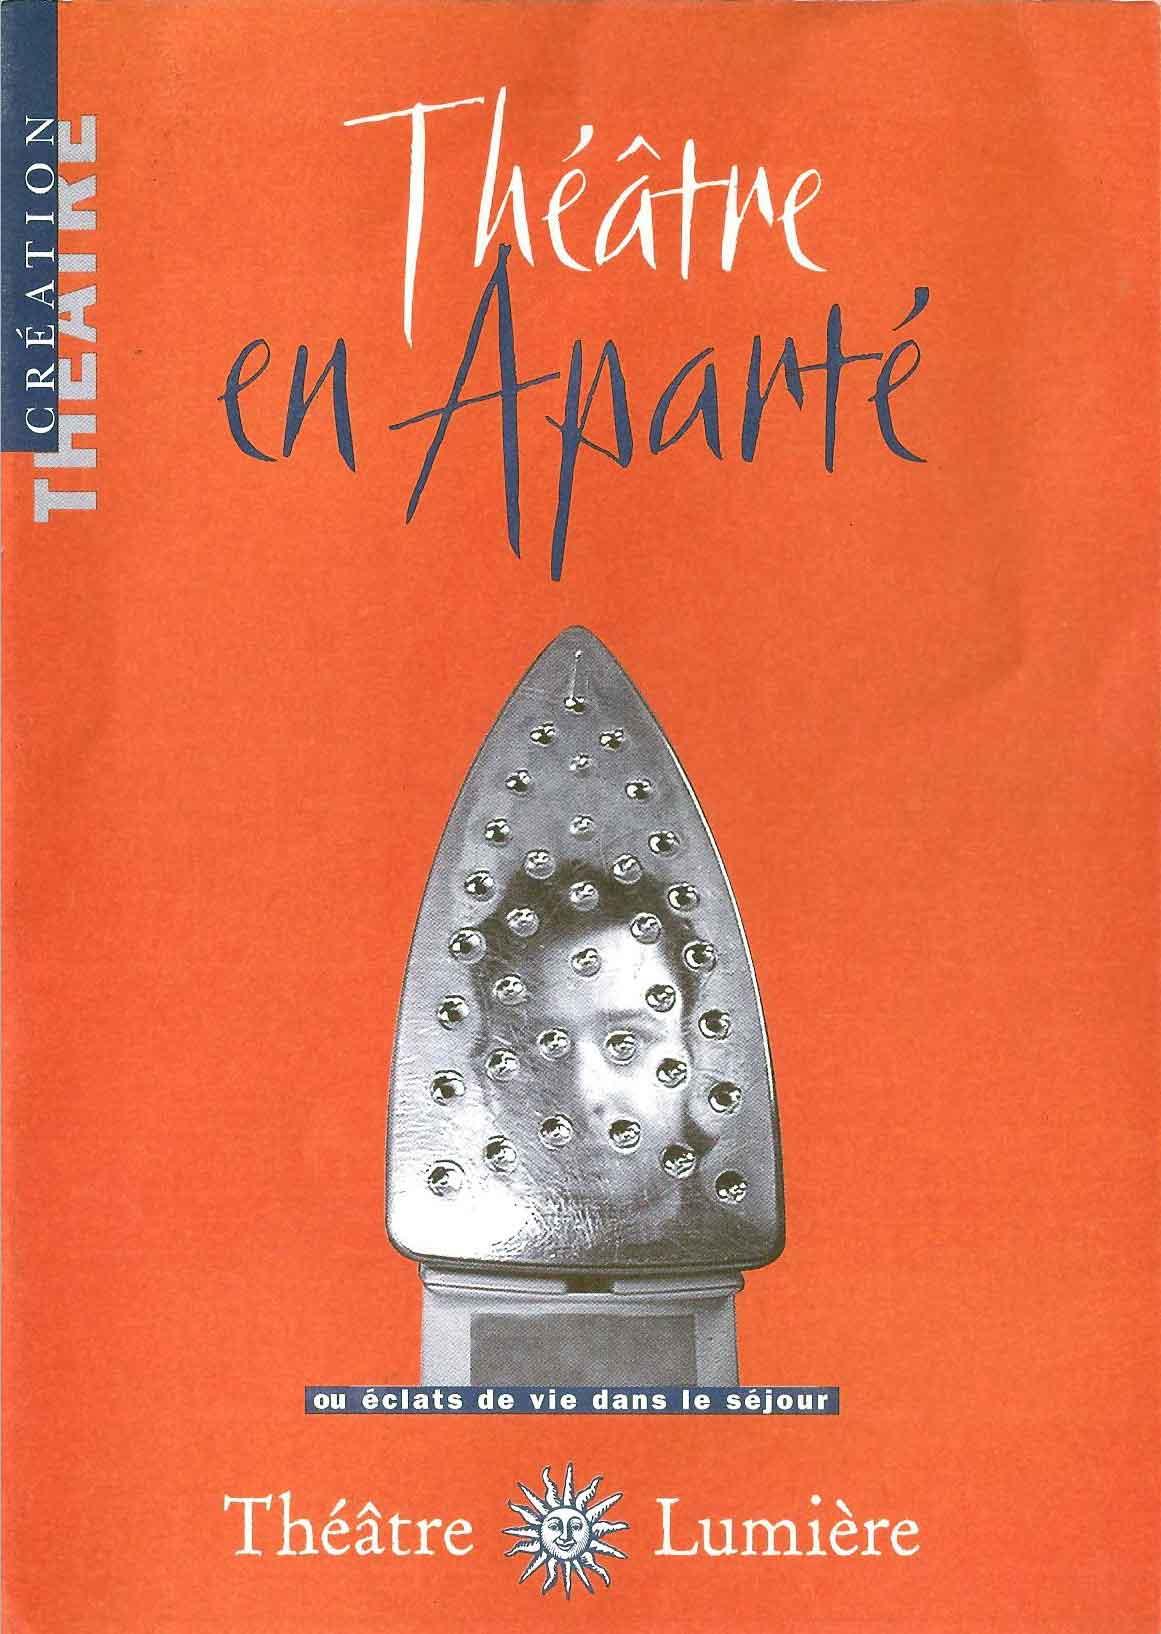 Theatre-en-apparte-recto_1999